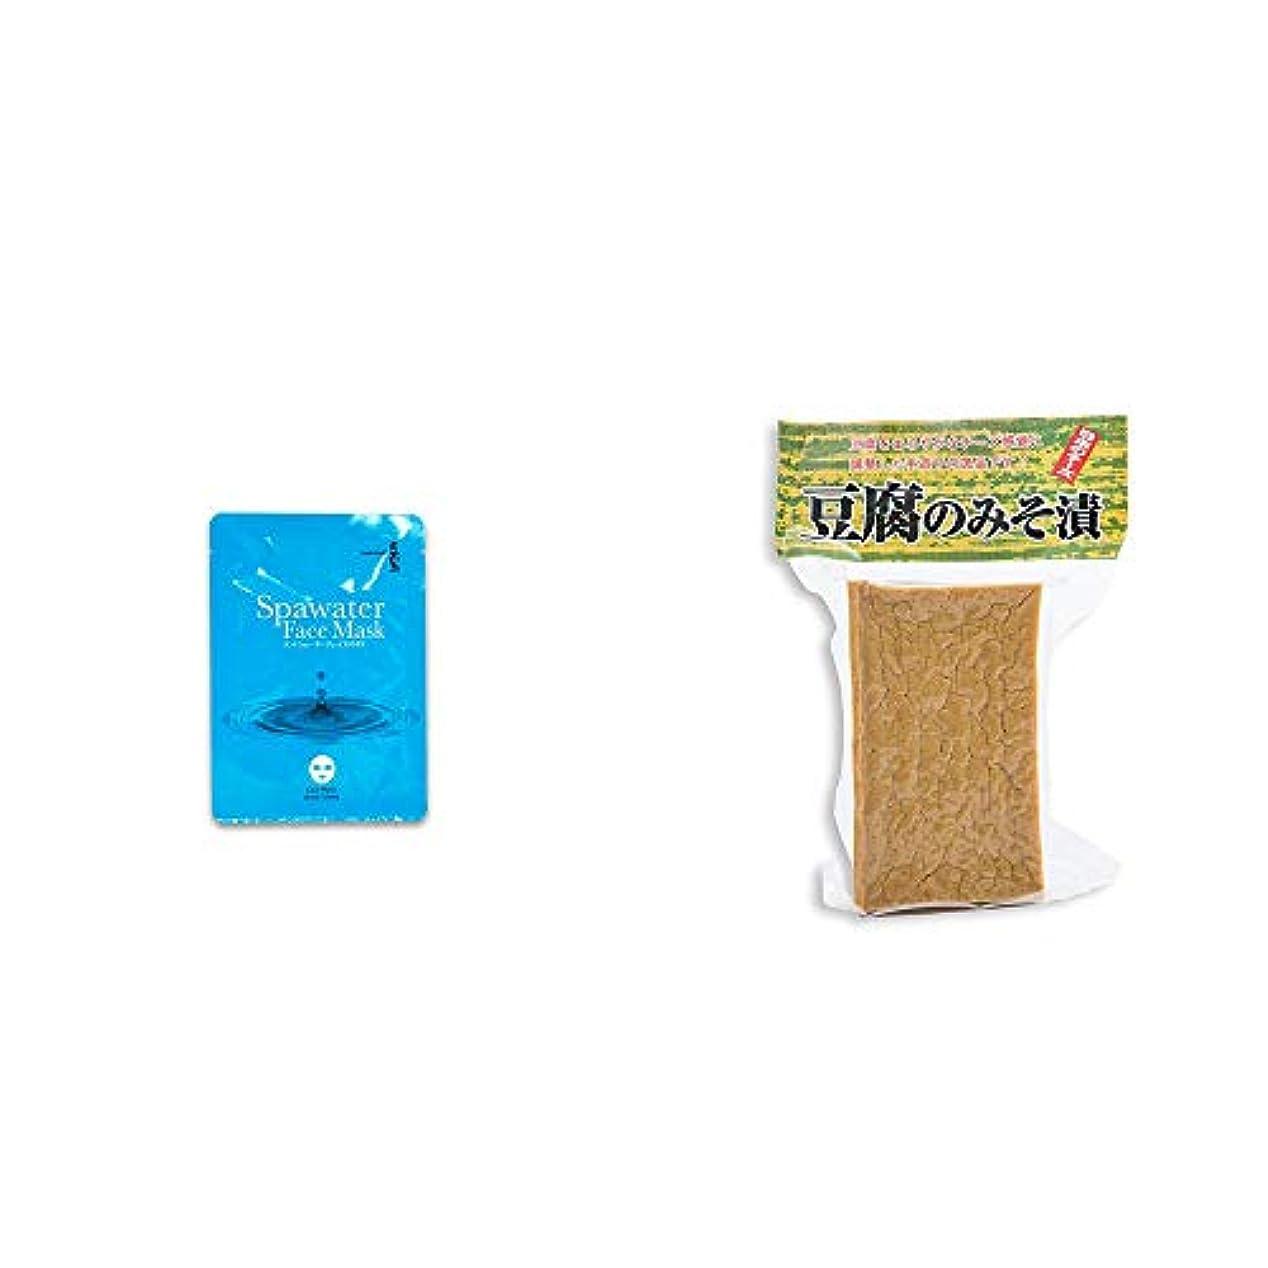 ファブリック耐えられないロードハウス[2点セット] ひのき炭黒泉 スパウォーターフェイスマスク(18ml×3枚入)?日本のチーズ 豆腐のみそ漬(1個入)